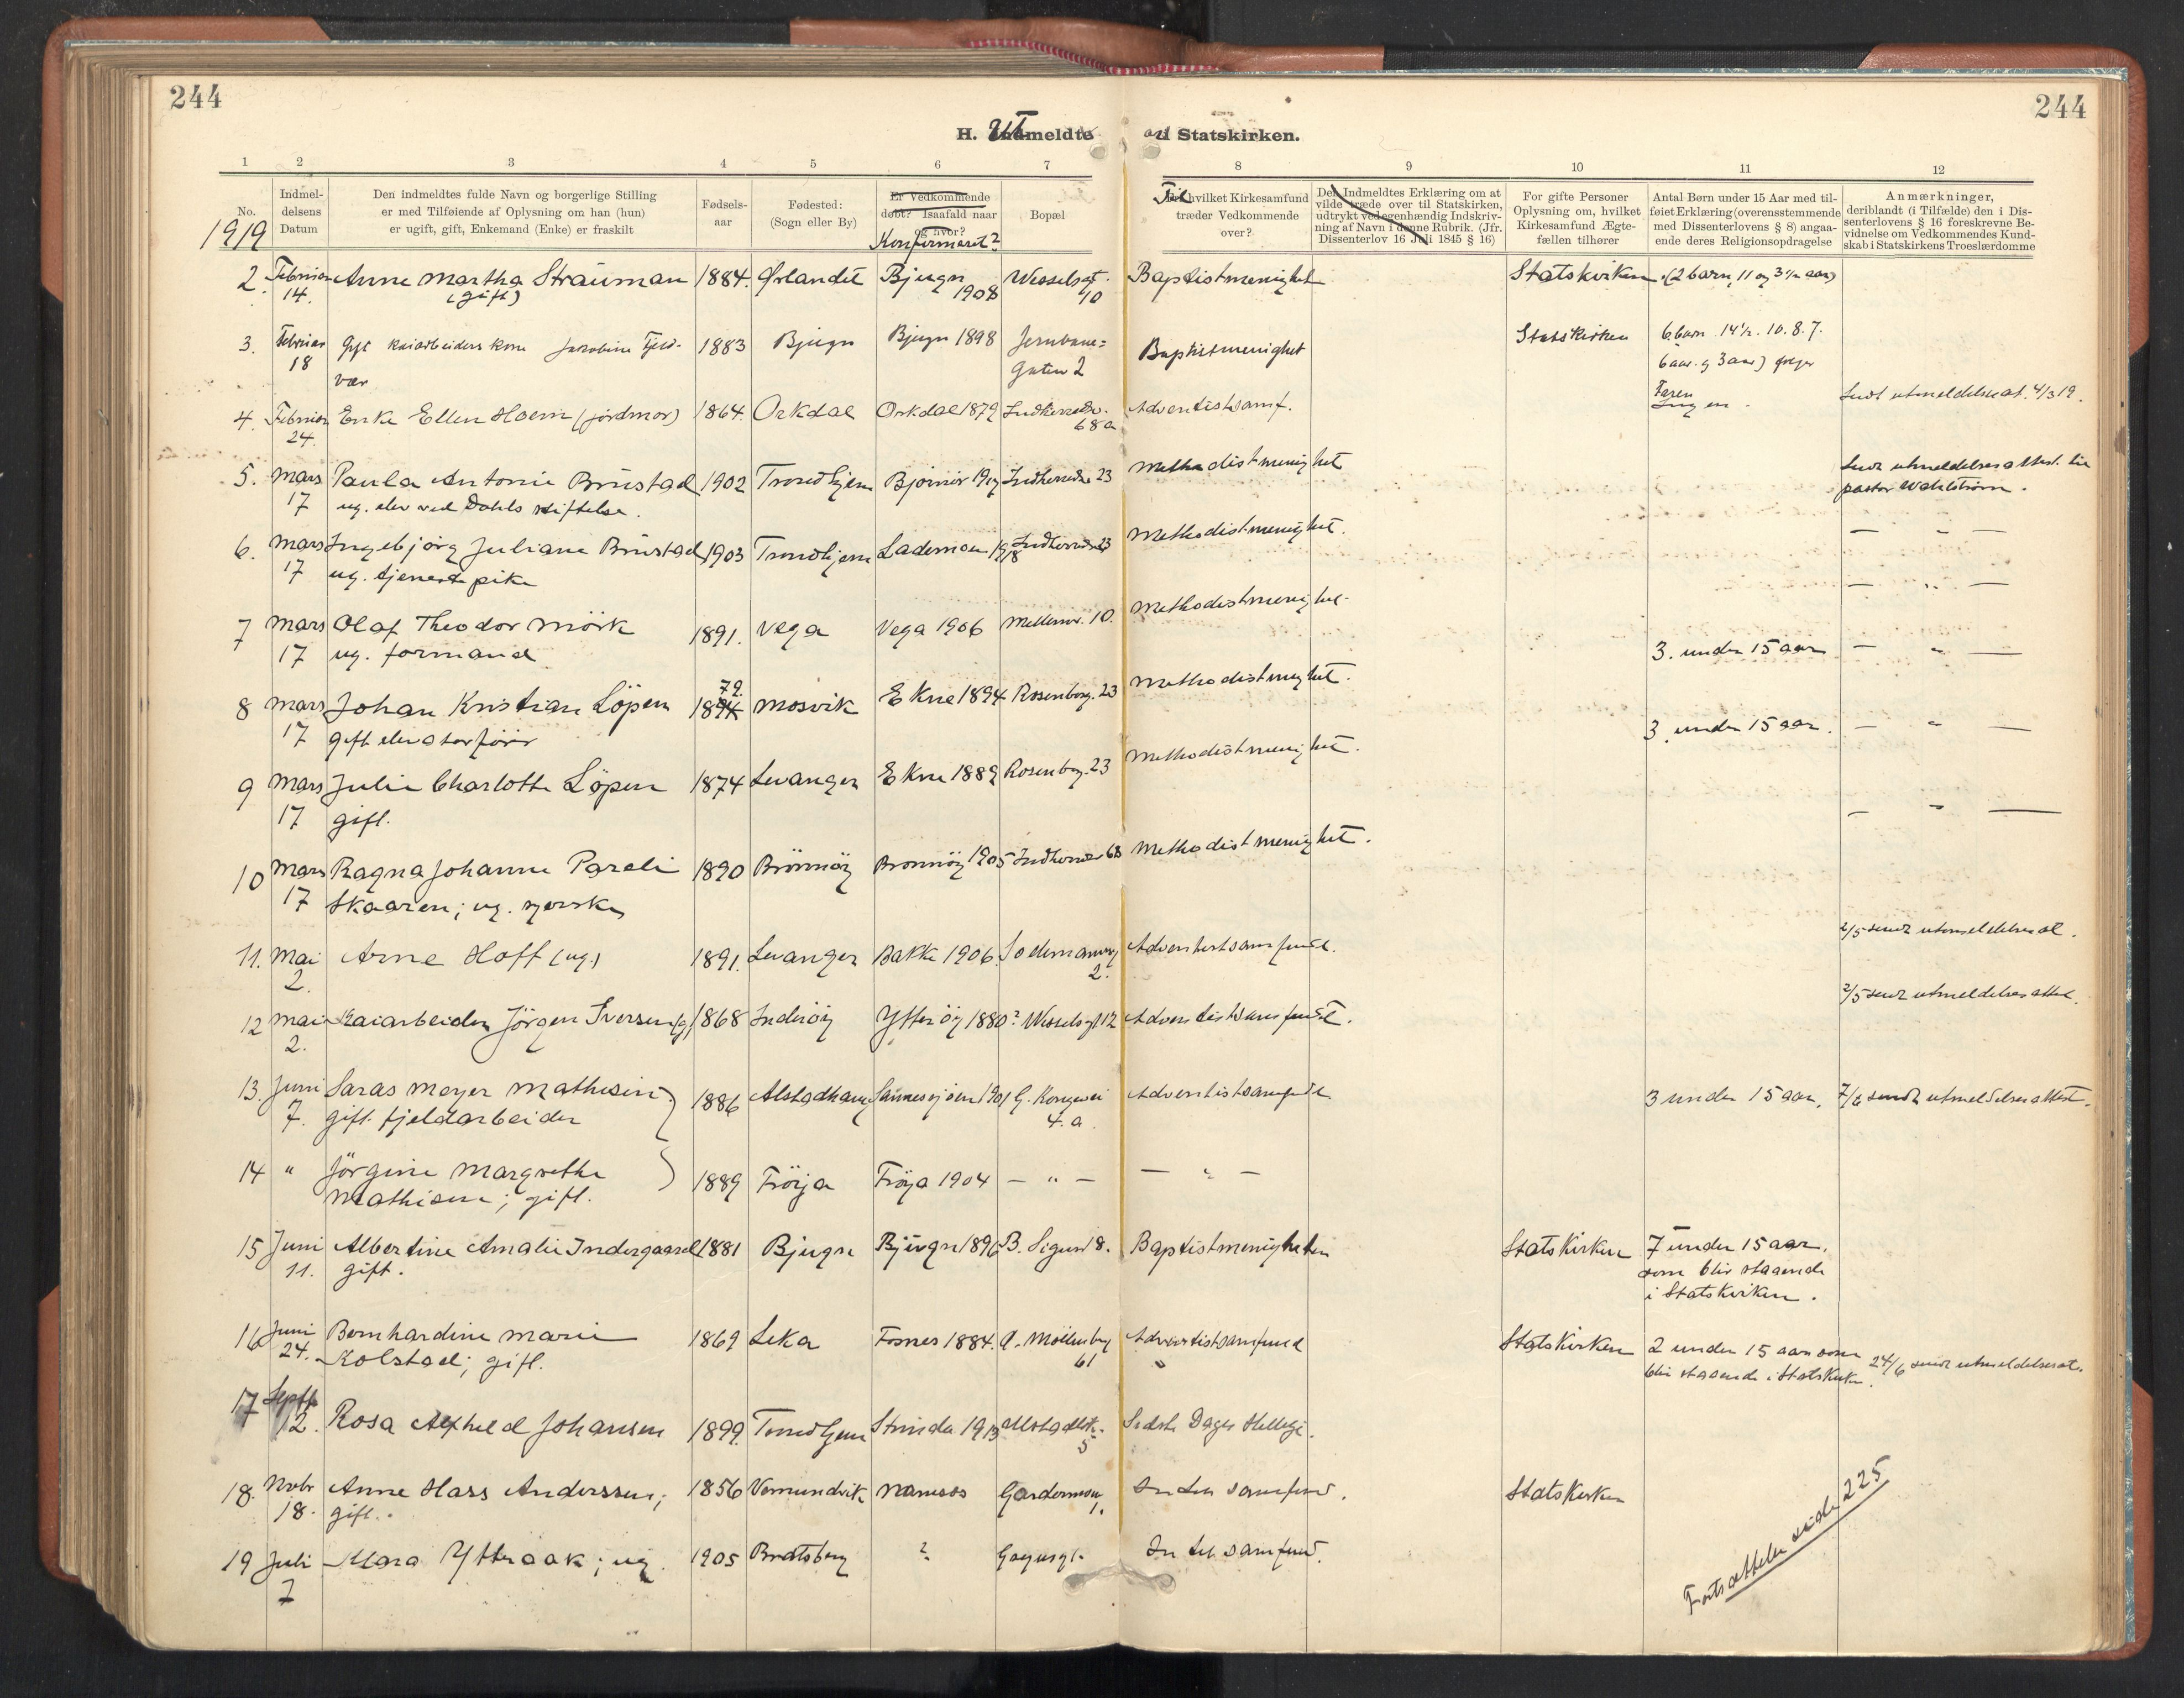 SAT, Ministerialprotokoller, klokkerbøker og fødselsregistre - Sør-Trøndelag, 605/L0244: Ministerialbok nr. 605A06, 1908-1954, s. 244